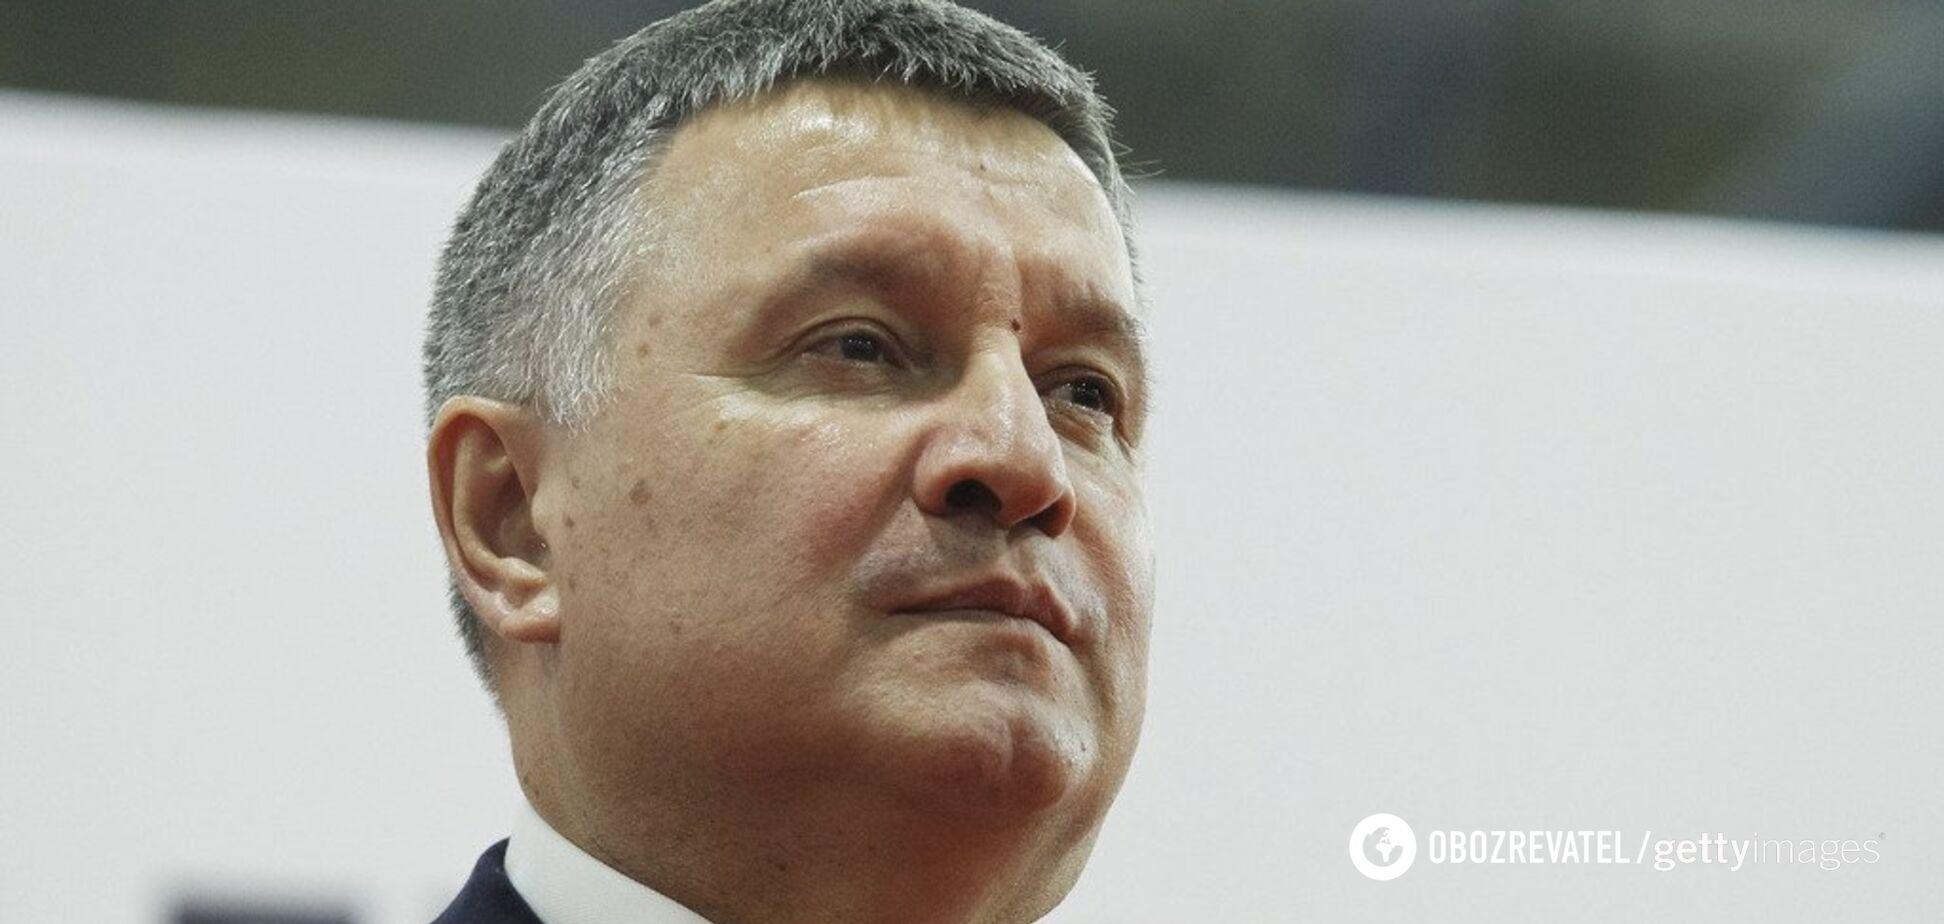 Разведение войск на Донбассе: Аваков рассказал, что будет с добробатами в Золотом